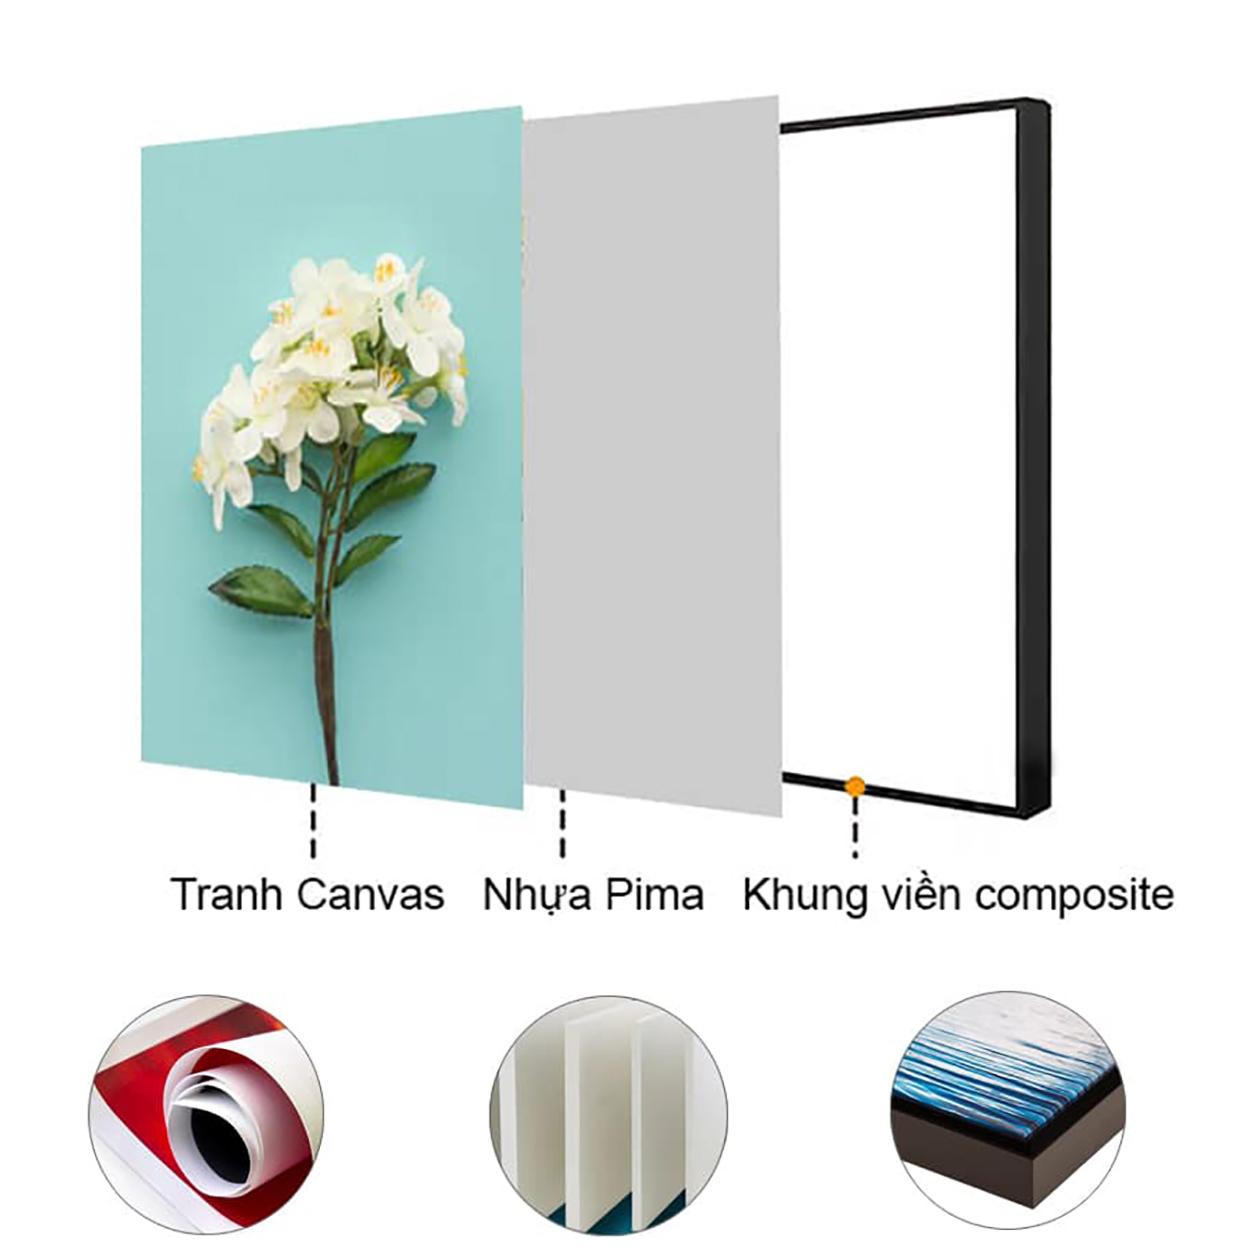 Tranh treo tường – Tranh phong cảnh biển CC167 - Vải canvas kim tuyến cán PiMa - công nghệ in UV - Khung viền composite - bền màu 10 năm